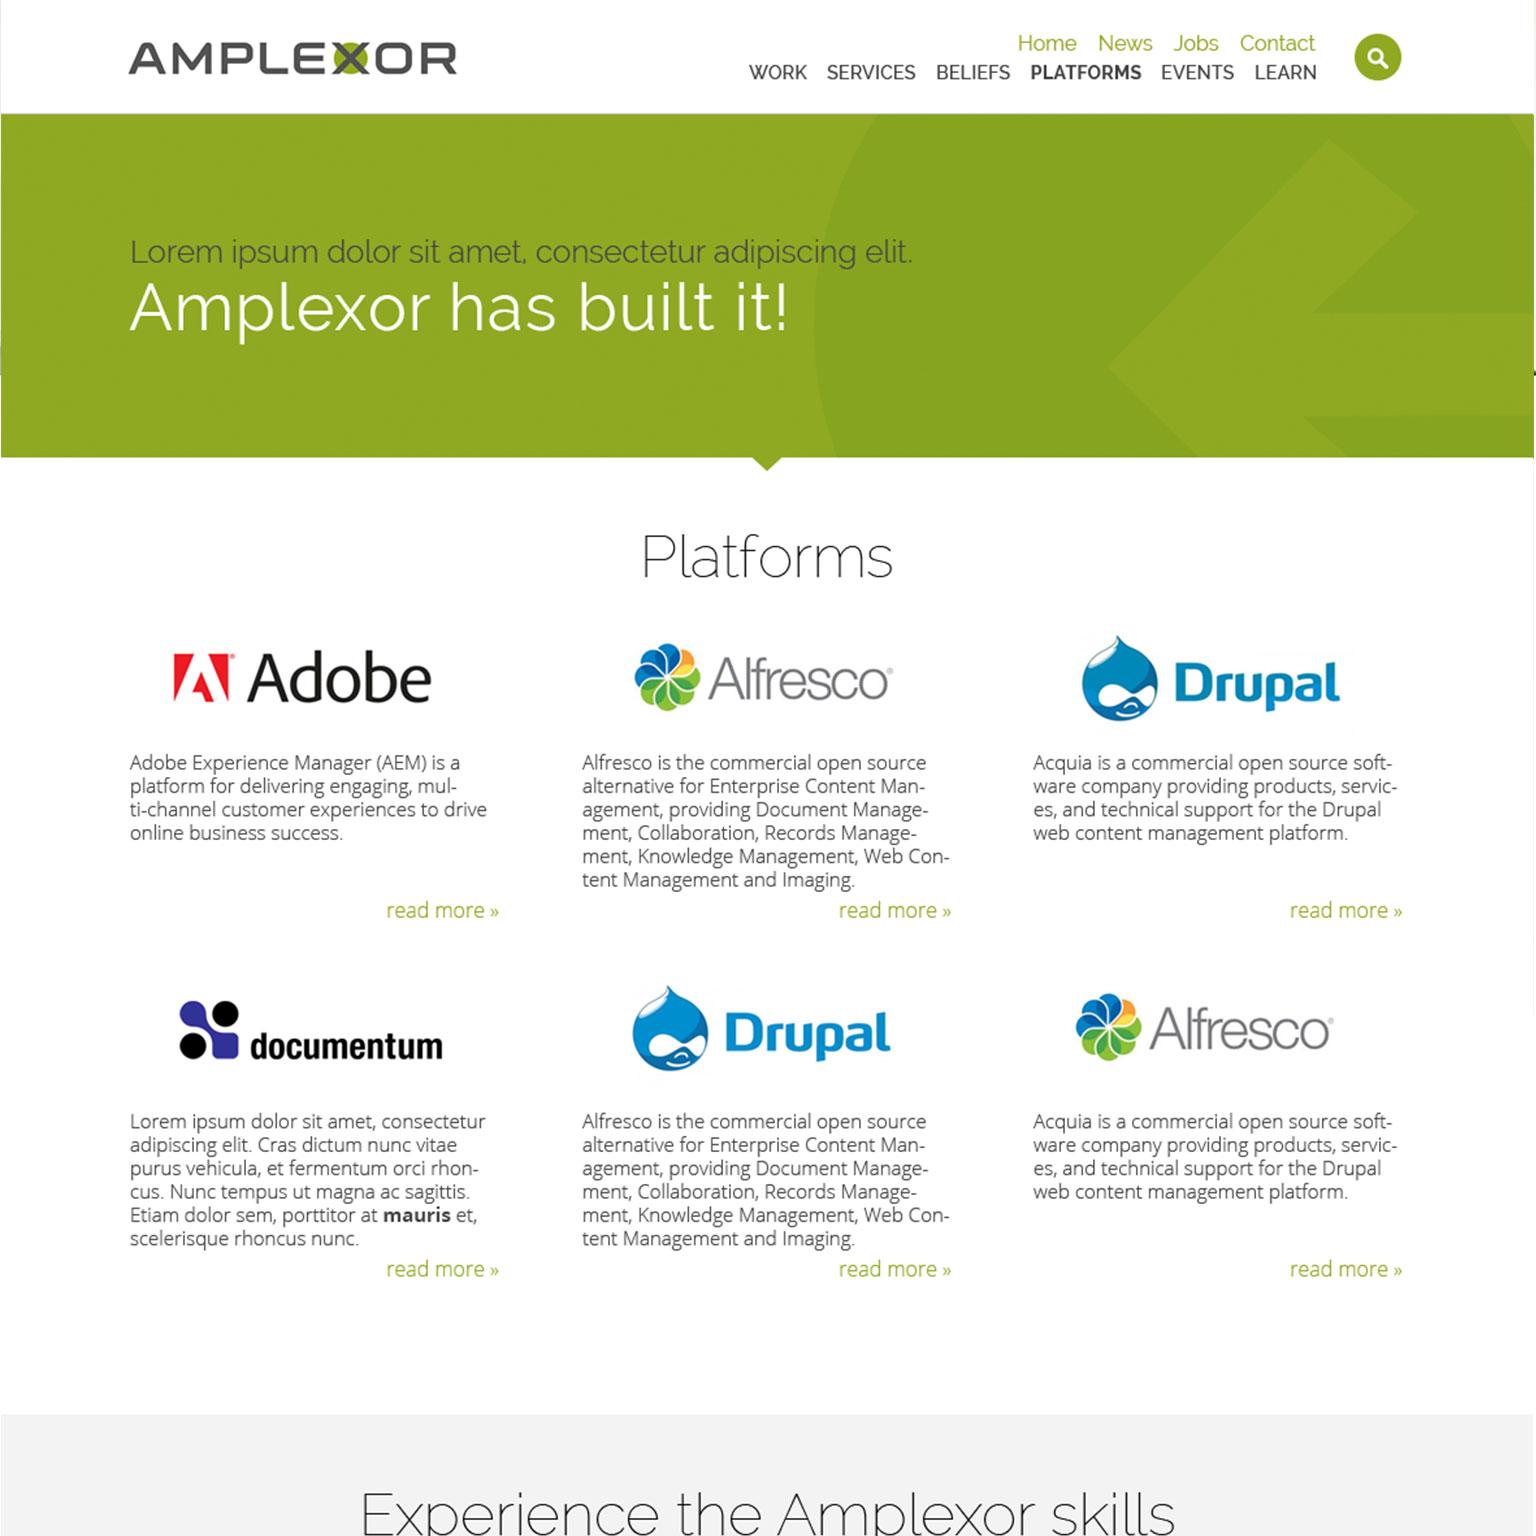 1536x1536-case-study-amplexor-site-page